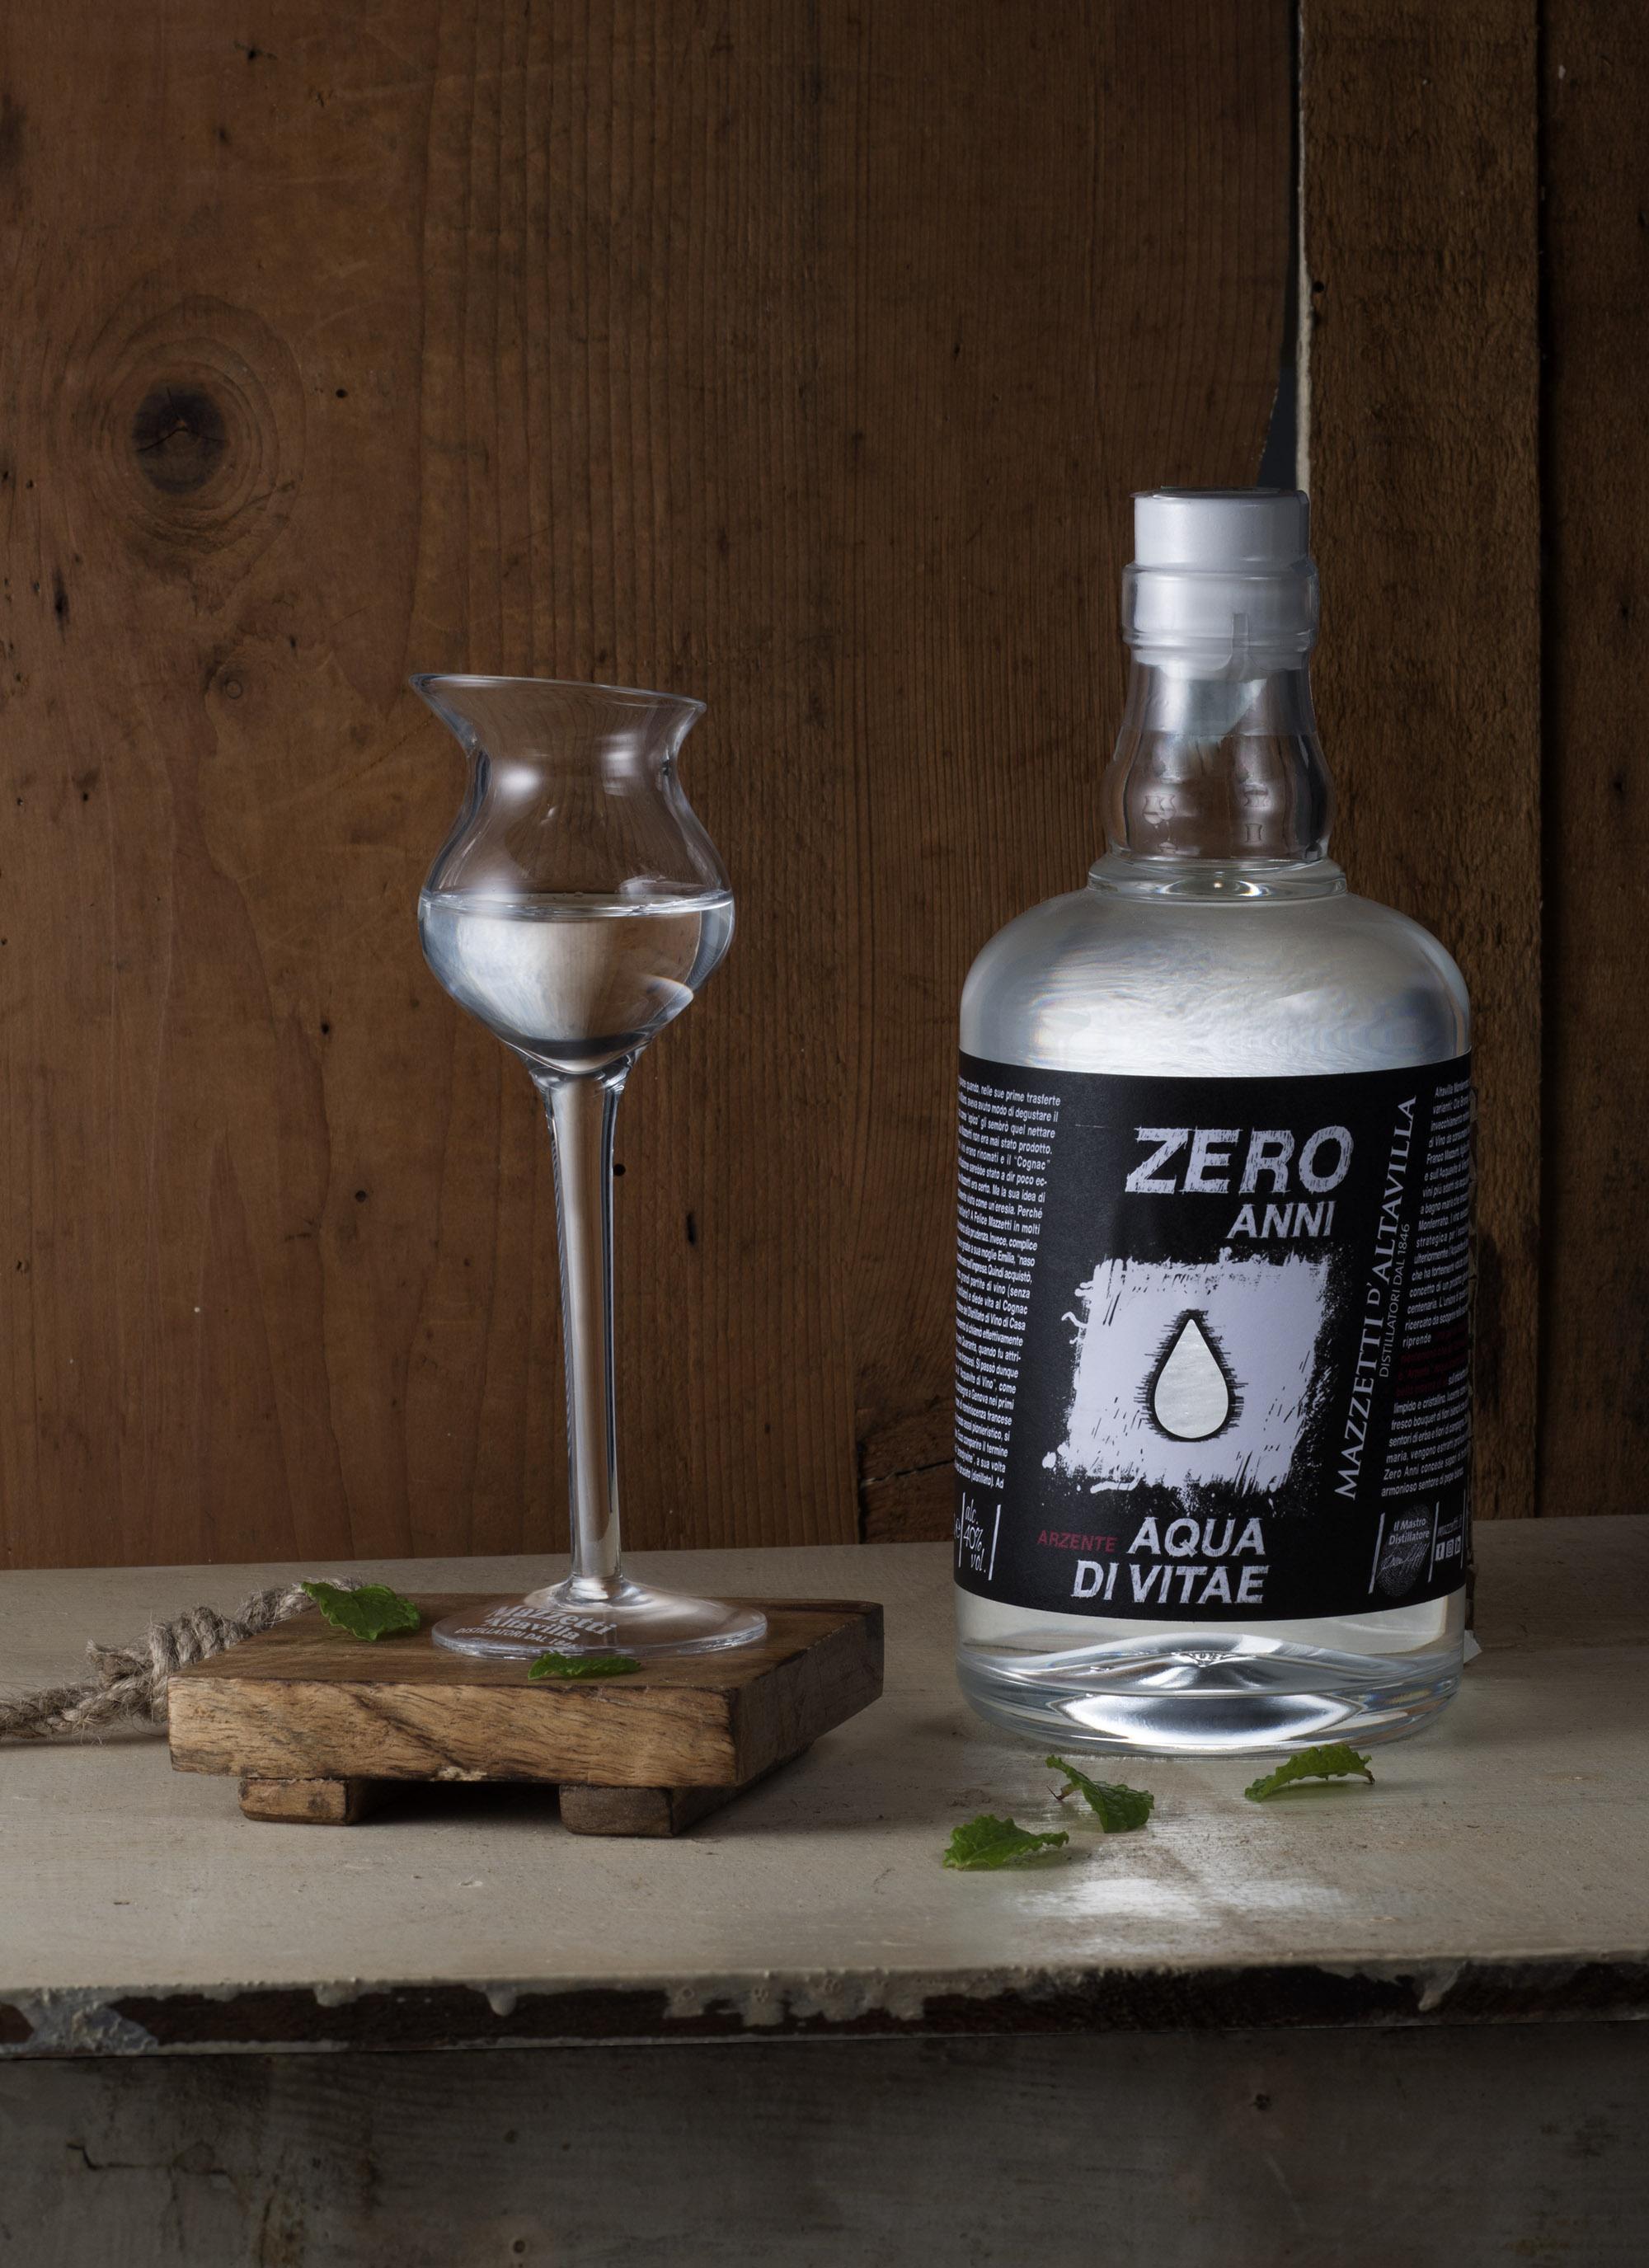 Zero-Anni-vintage